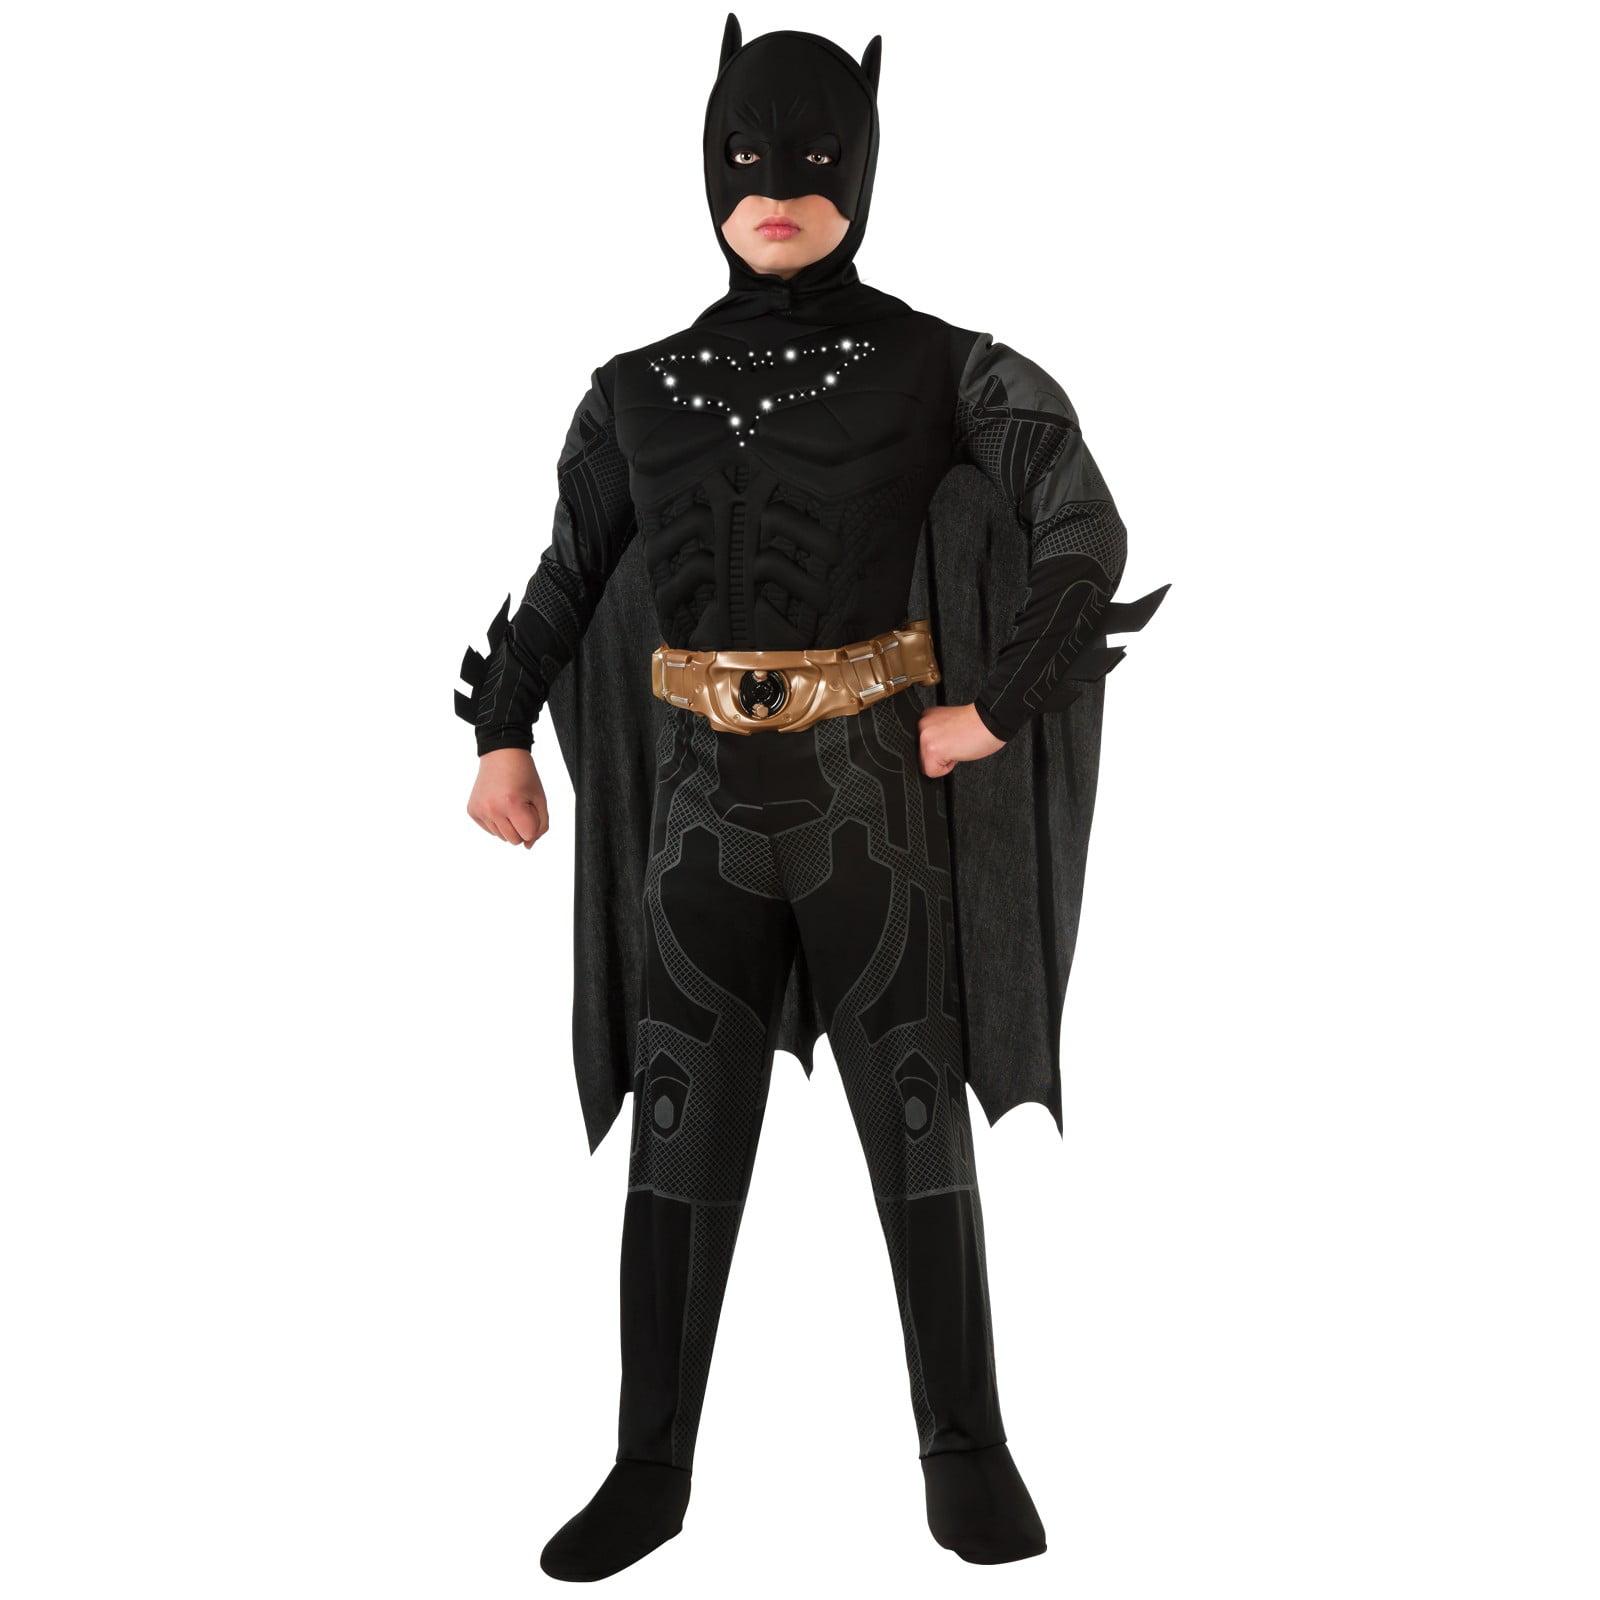 sc 1 st  Walmart & The Dark Knight Rises - Batman Light-Up Child - Walmart.com